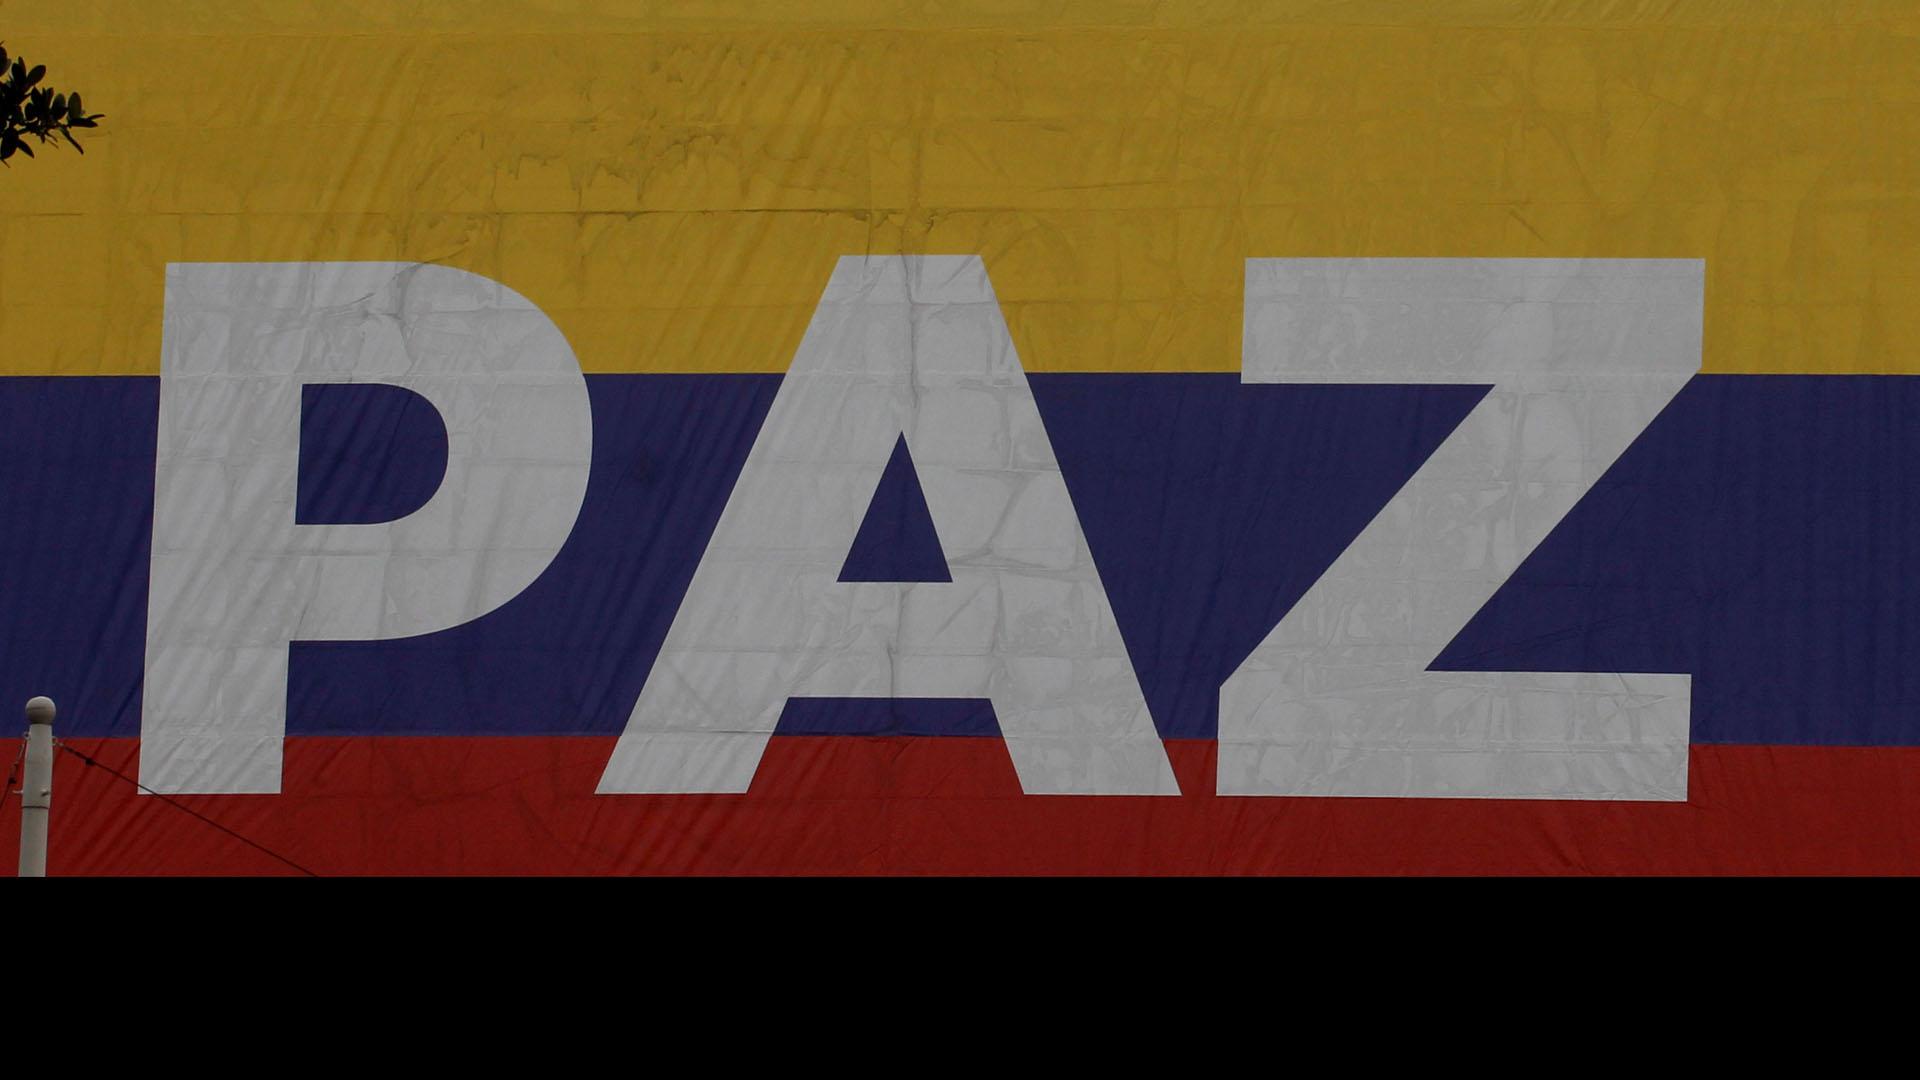 """Un abogado colombiano afirma que el visto bueno de la corte es """"altamente cuestionable"""" porque """"transgredió el ordenamiento constitucional y legal"""""""